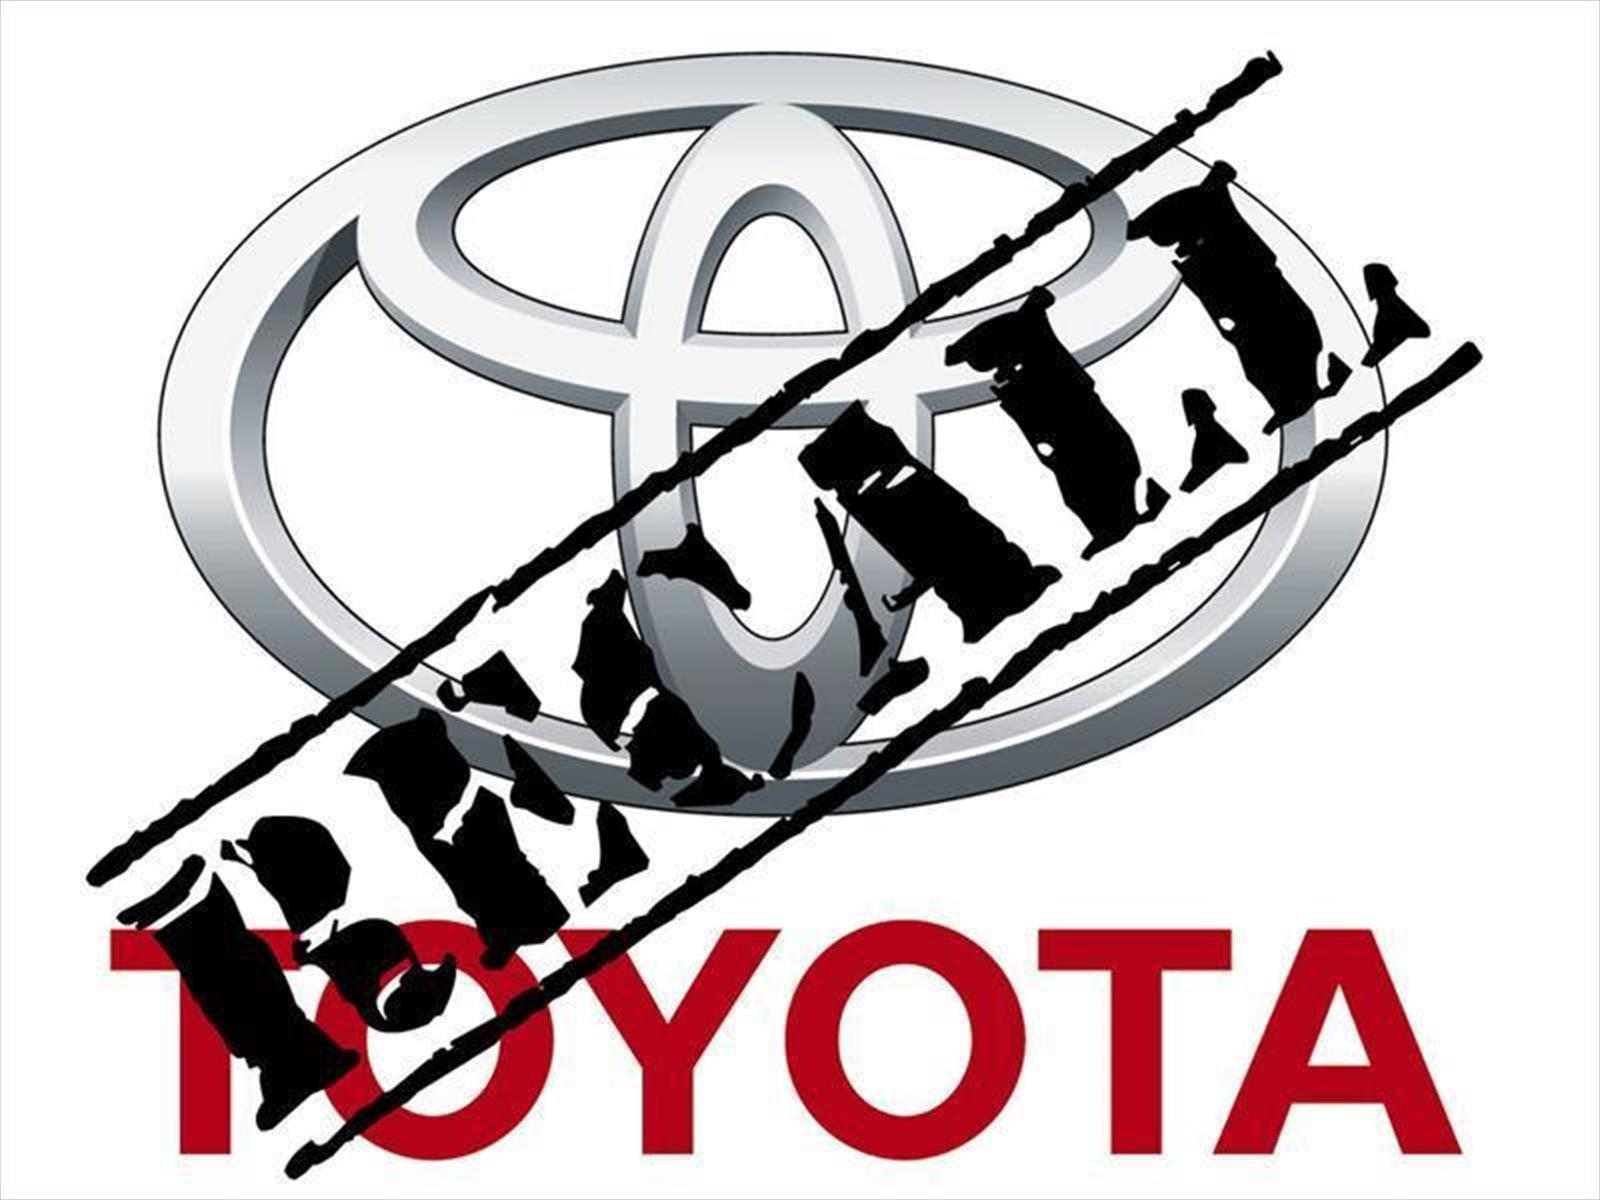 Recall de Toyota a 310,000 unidades de la Sienna